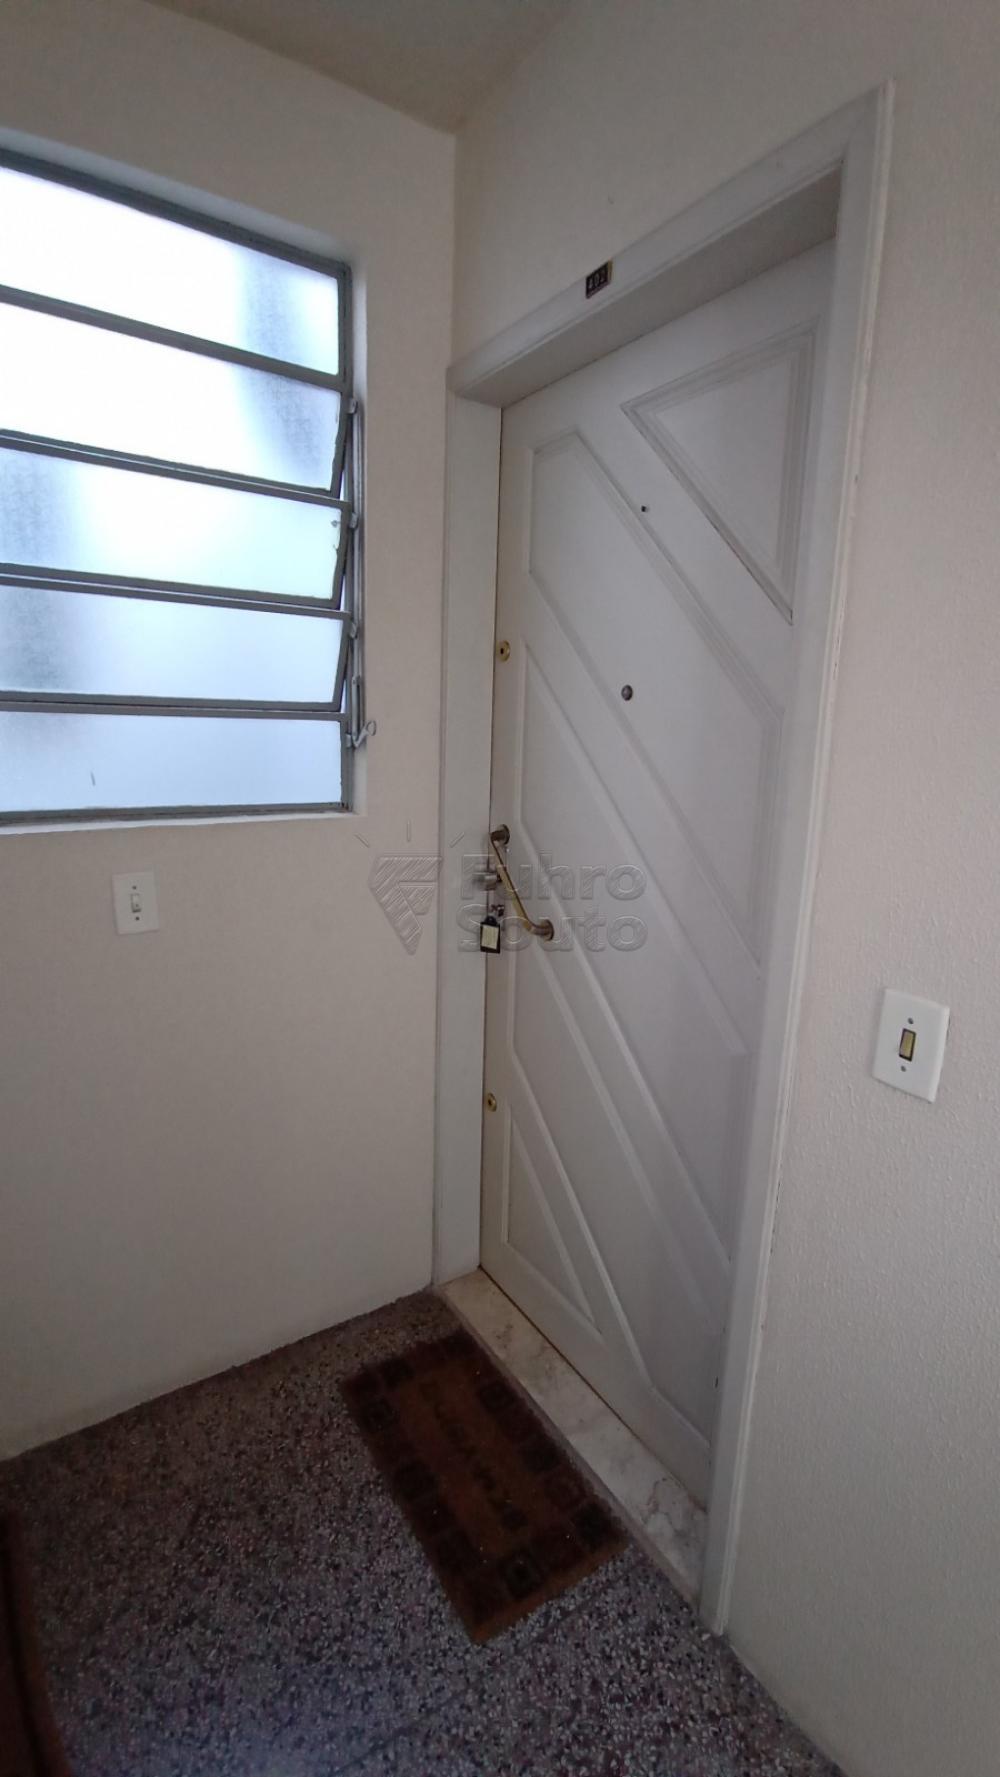 Comprar Apartamento / Padrão em Pelotas R$ 169.600,00 - Foto 17